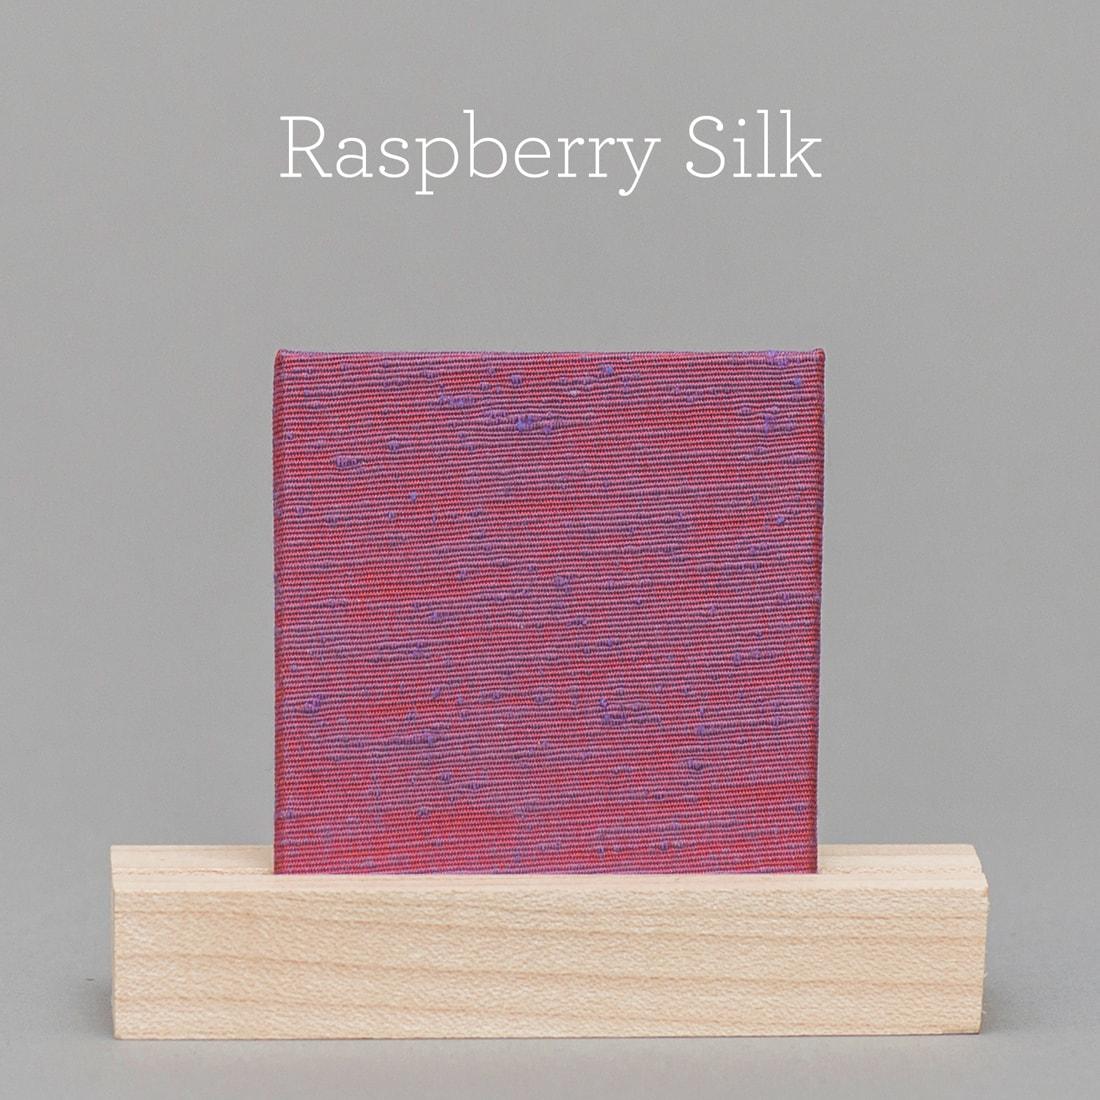 RaspberrySilk.jpg